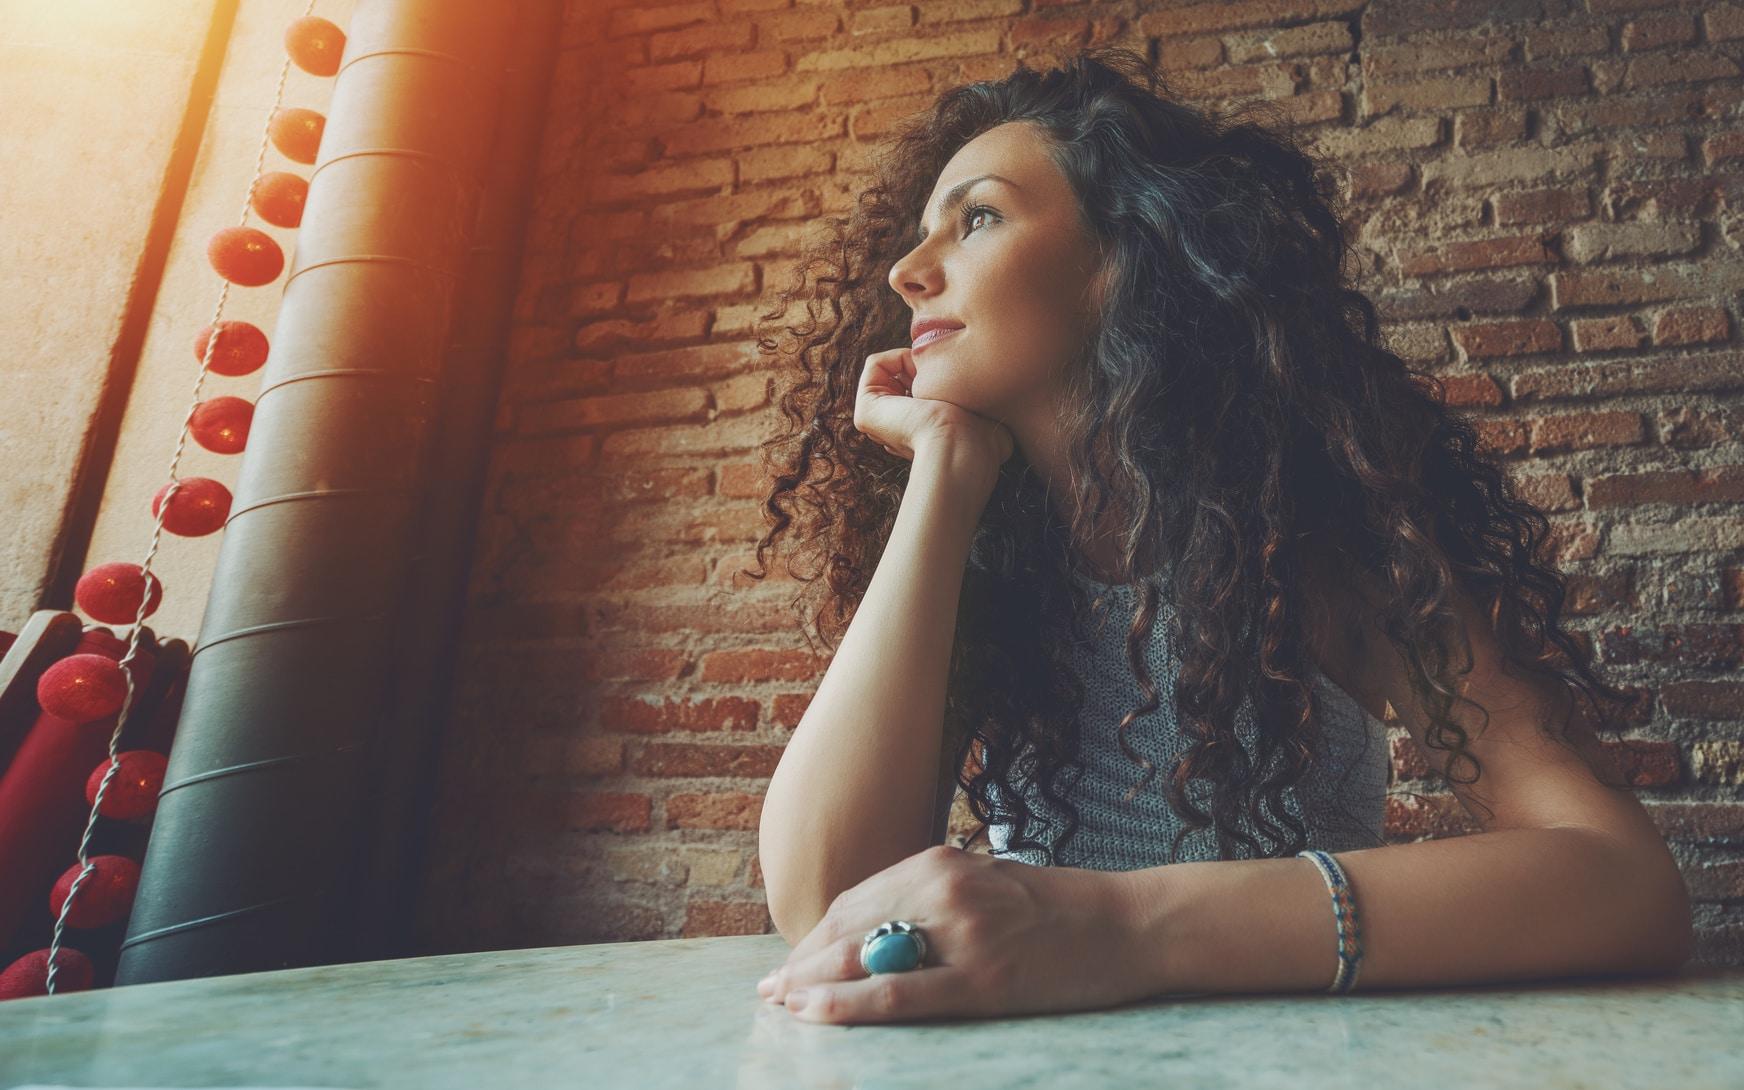 Eine Frau mittleren Alters sitzt an einem Tisch und schaut sehr Selbstbewusst in die Ferne. Sie hat sehr lange, gelockte schwarte Haare und ist bekleidet mit einem hellblauen, trägerlosem Shirt. Im Hintergrund ist eine Natursteinmauer zu sehen.